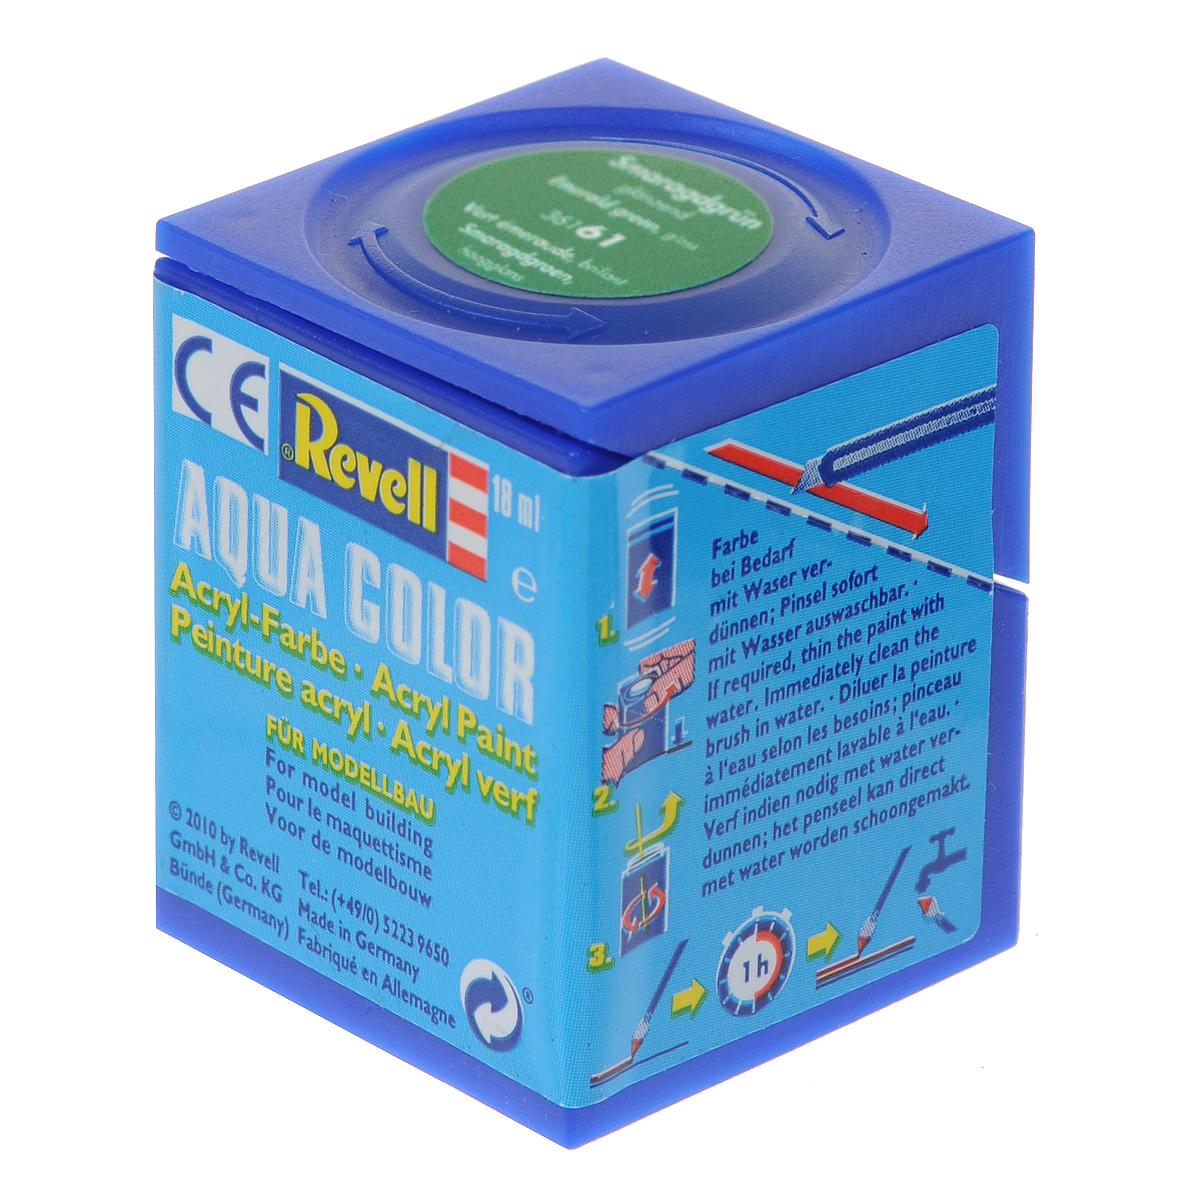 Revell Аква-краска глянцевая цвет изумрудно-зеленый 18 мл36161Краски для моделей Revell - это высококачественный материал для покраски ваших моделей. Данная краска служит для окрашивания пластиковых поверхностей сборных моделей Revell. В баночке содержится 18 мл краски с глянцевым эффектом. В случае необходимости различные оттенки эмали могут быть смешаны друг с другом, для разбавления используется Revell Color Mix.